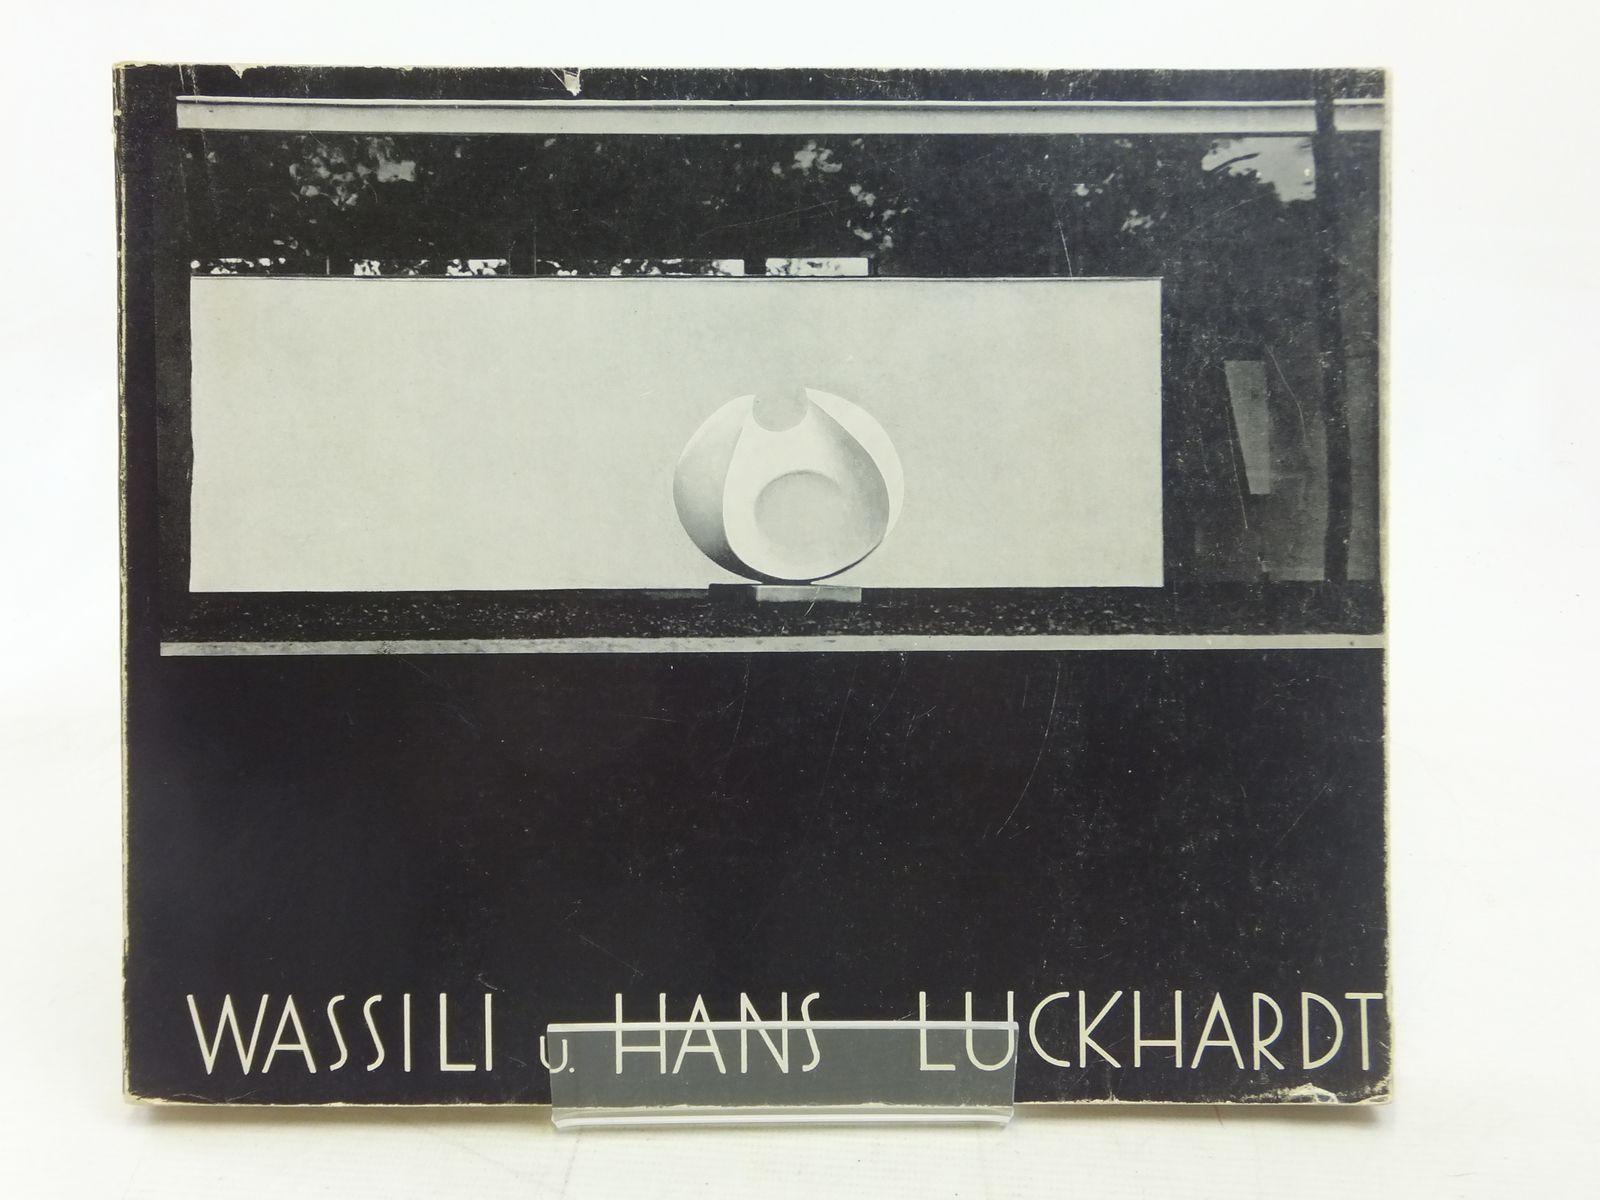 Photo of WASSILI UND HANS LUCKHARDT BAUTEN UND ENTWURFE written by Kultermann, Udo published by Ernst Wasmuth (STOCK CODE: 2114991)  for sale by Stella & Rose's Books